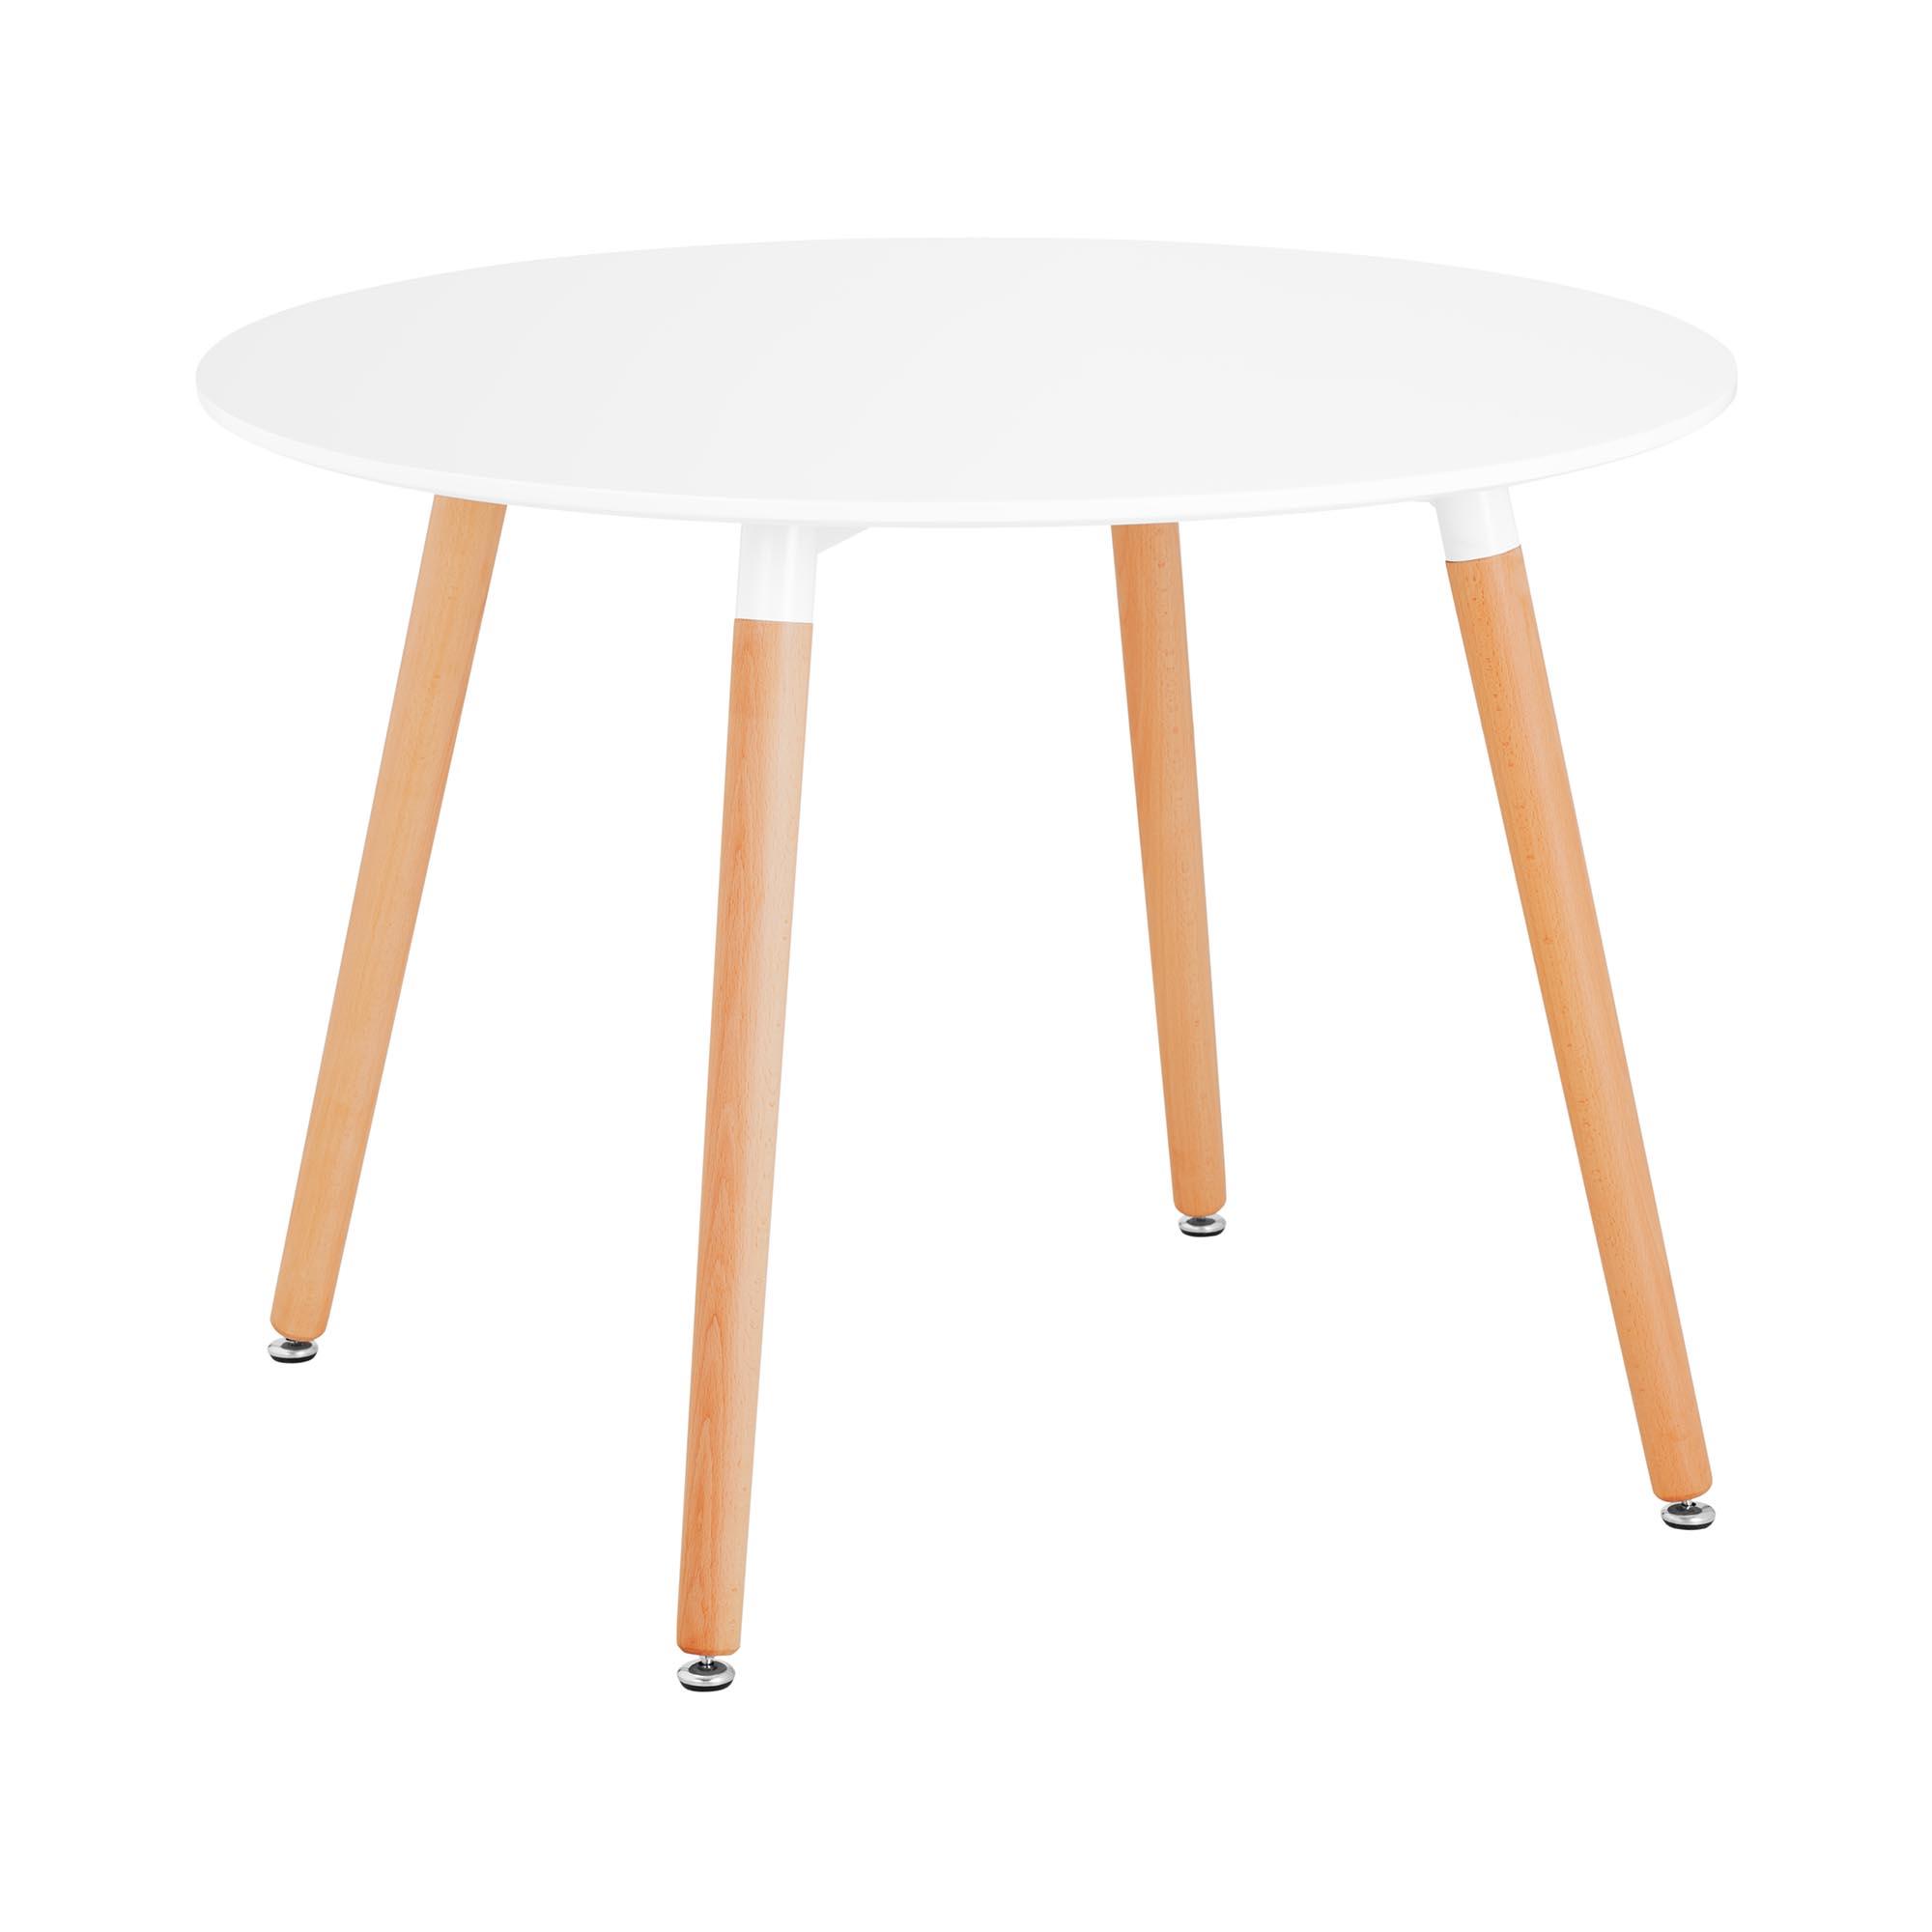 Fromm & Starck Tisch - rund - Ø 100 cm - weiß STAR_DESK_16